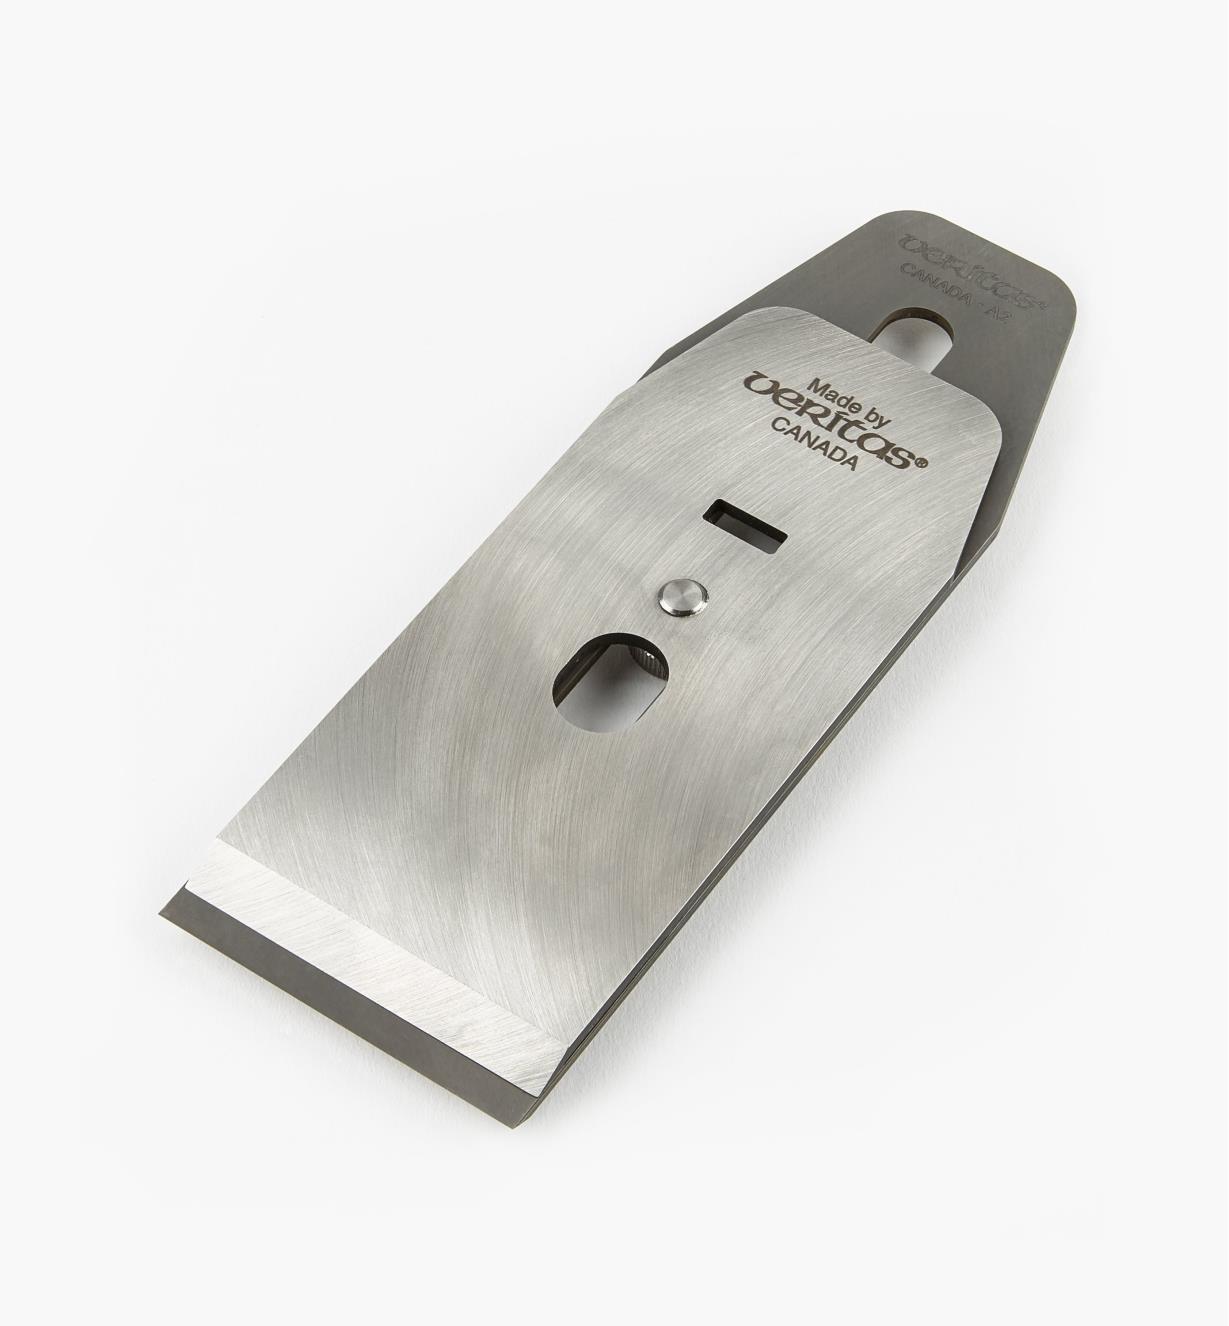 """05P3115 - 2 3/8"""" A2 Blade & Veritas Cap Iron"""